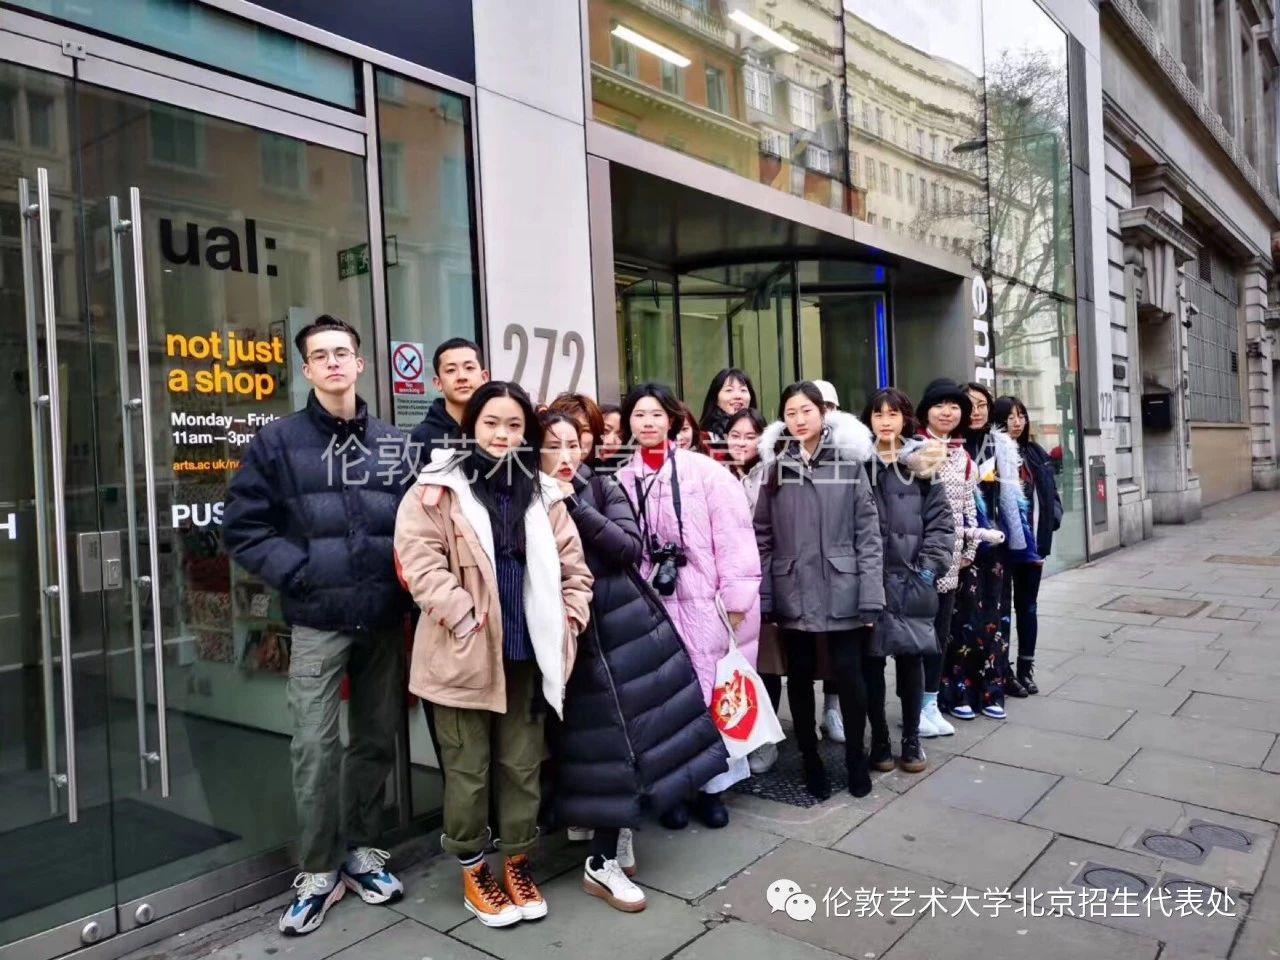 前线报道:第一站伦敦传媒学院 | 伦敦艺术大学寒假游学